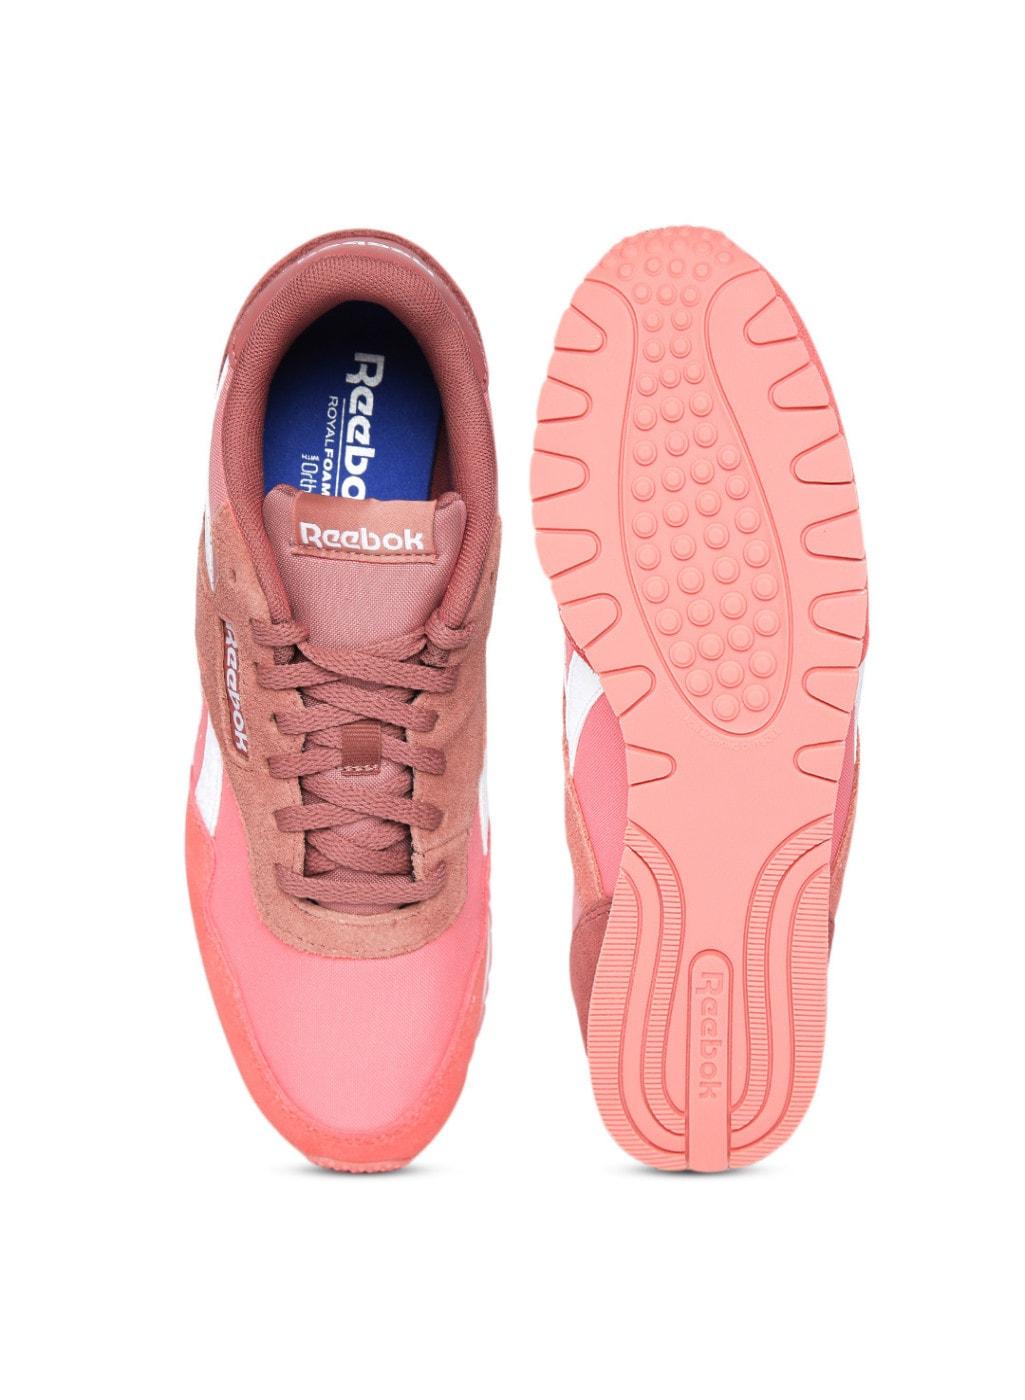 af8ed9455 Reebok Sneakers for Women - Buy Reebok Women Sneakers Online in India |  Jabong.com